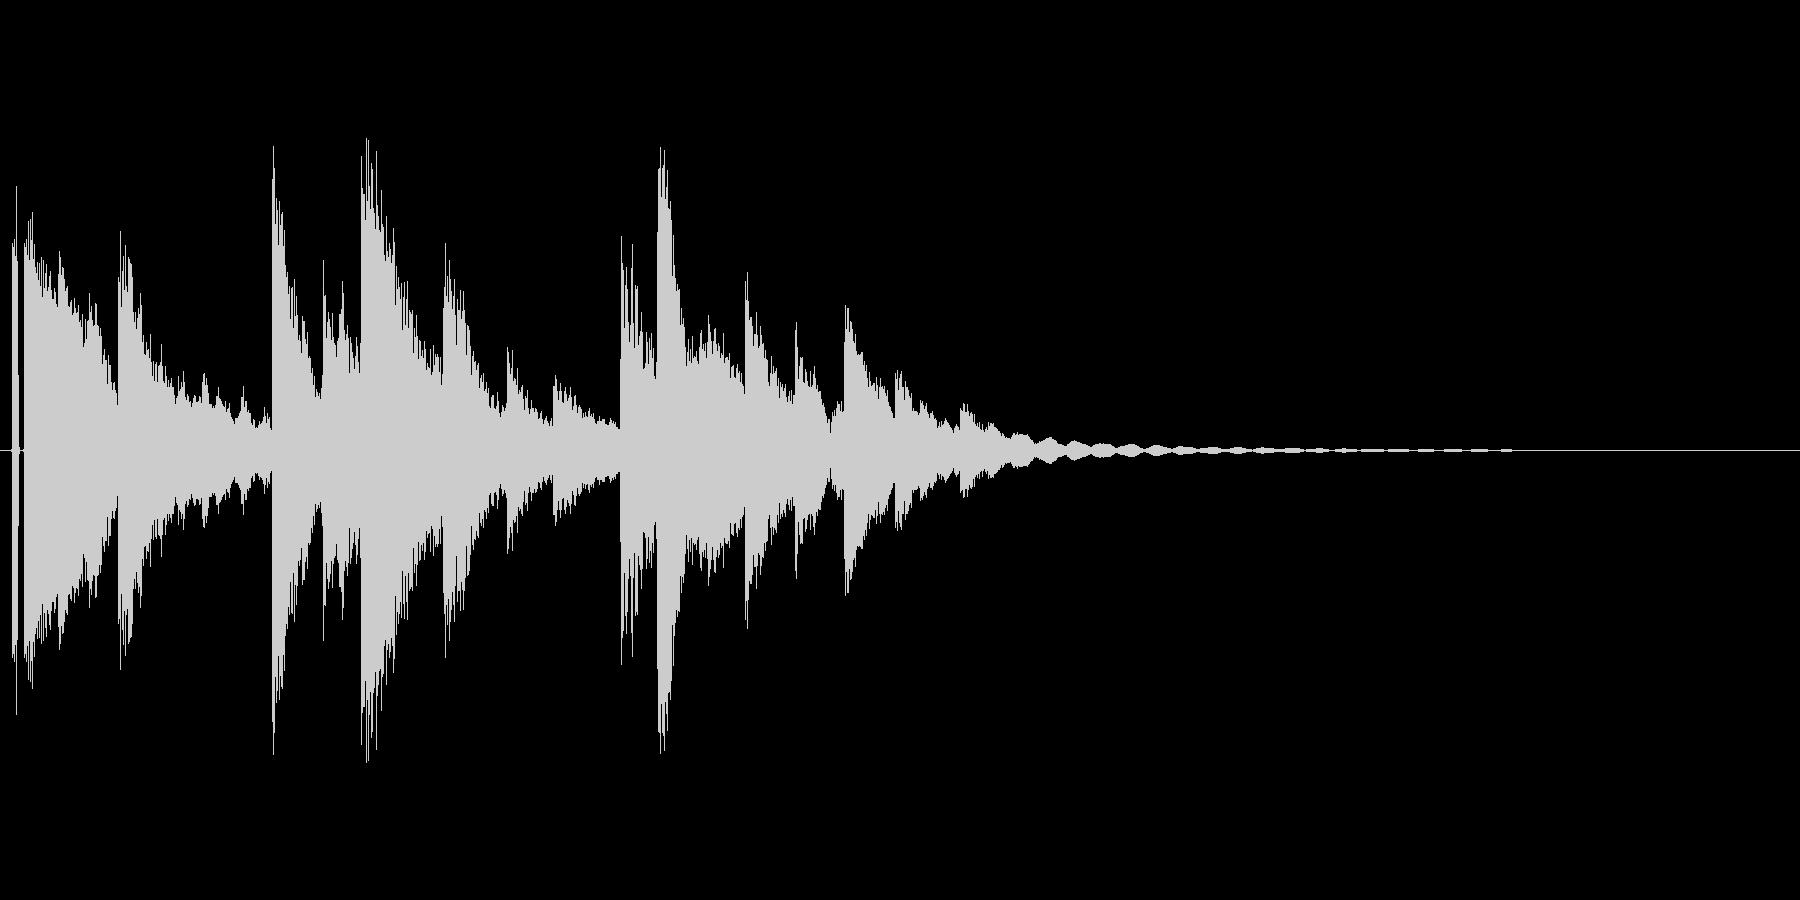 小さなベルの音。の未再生の波形